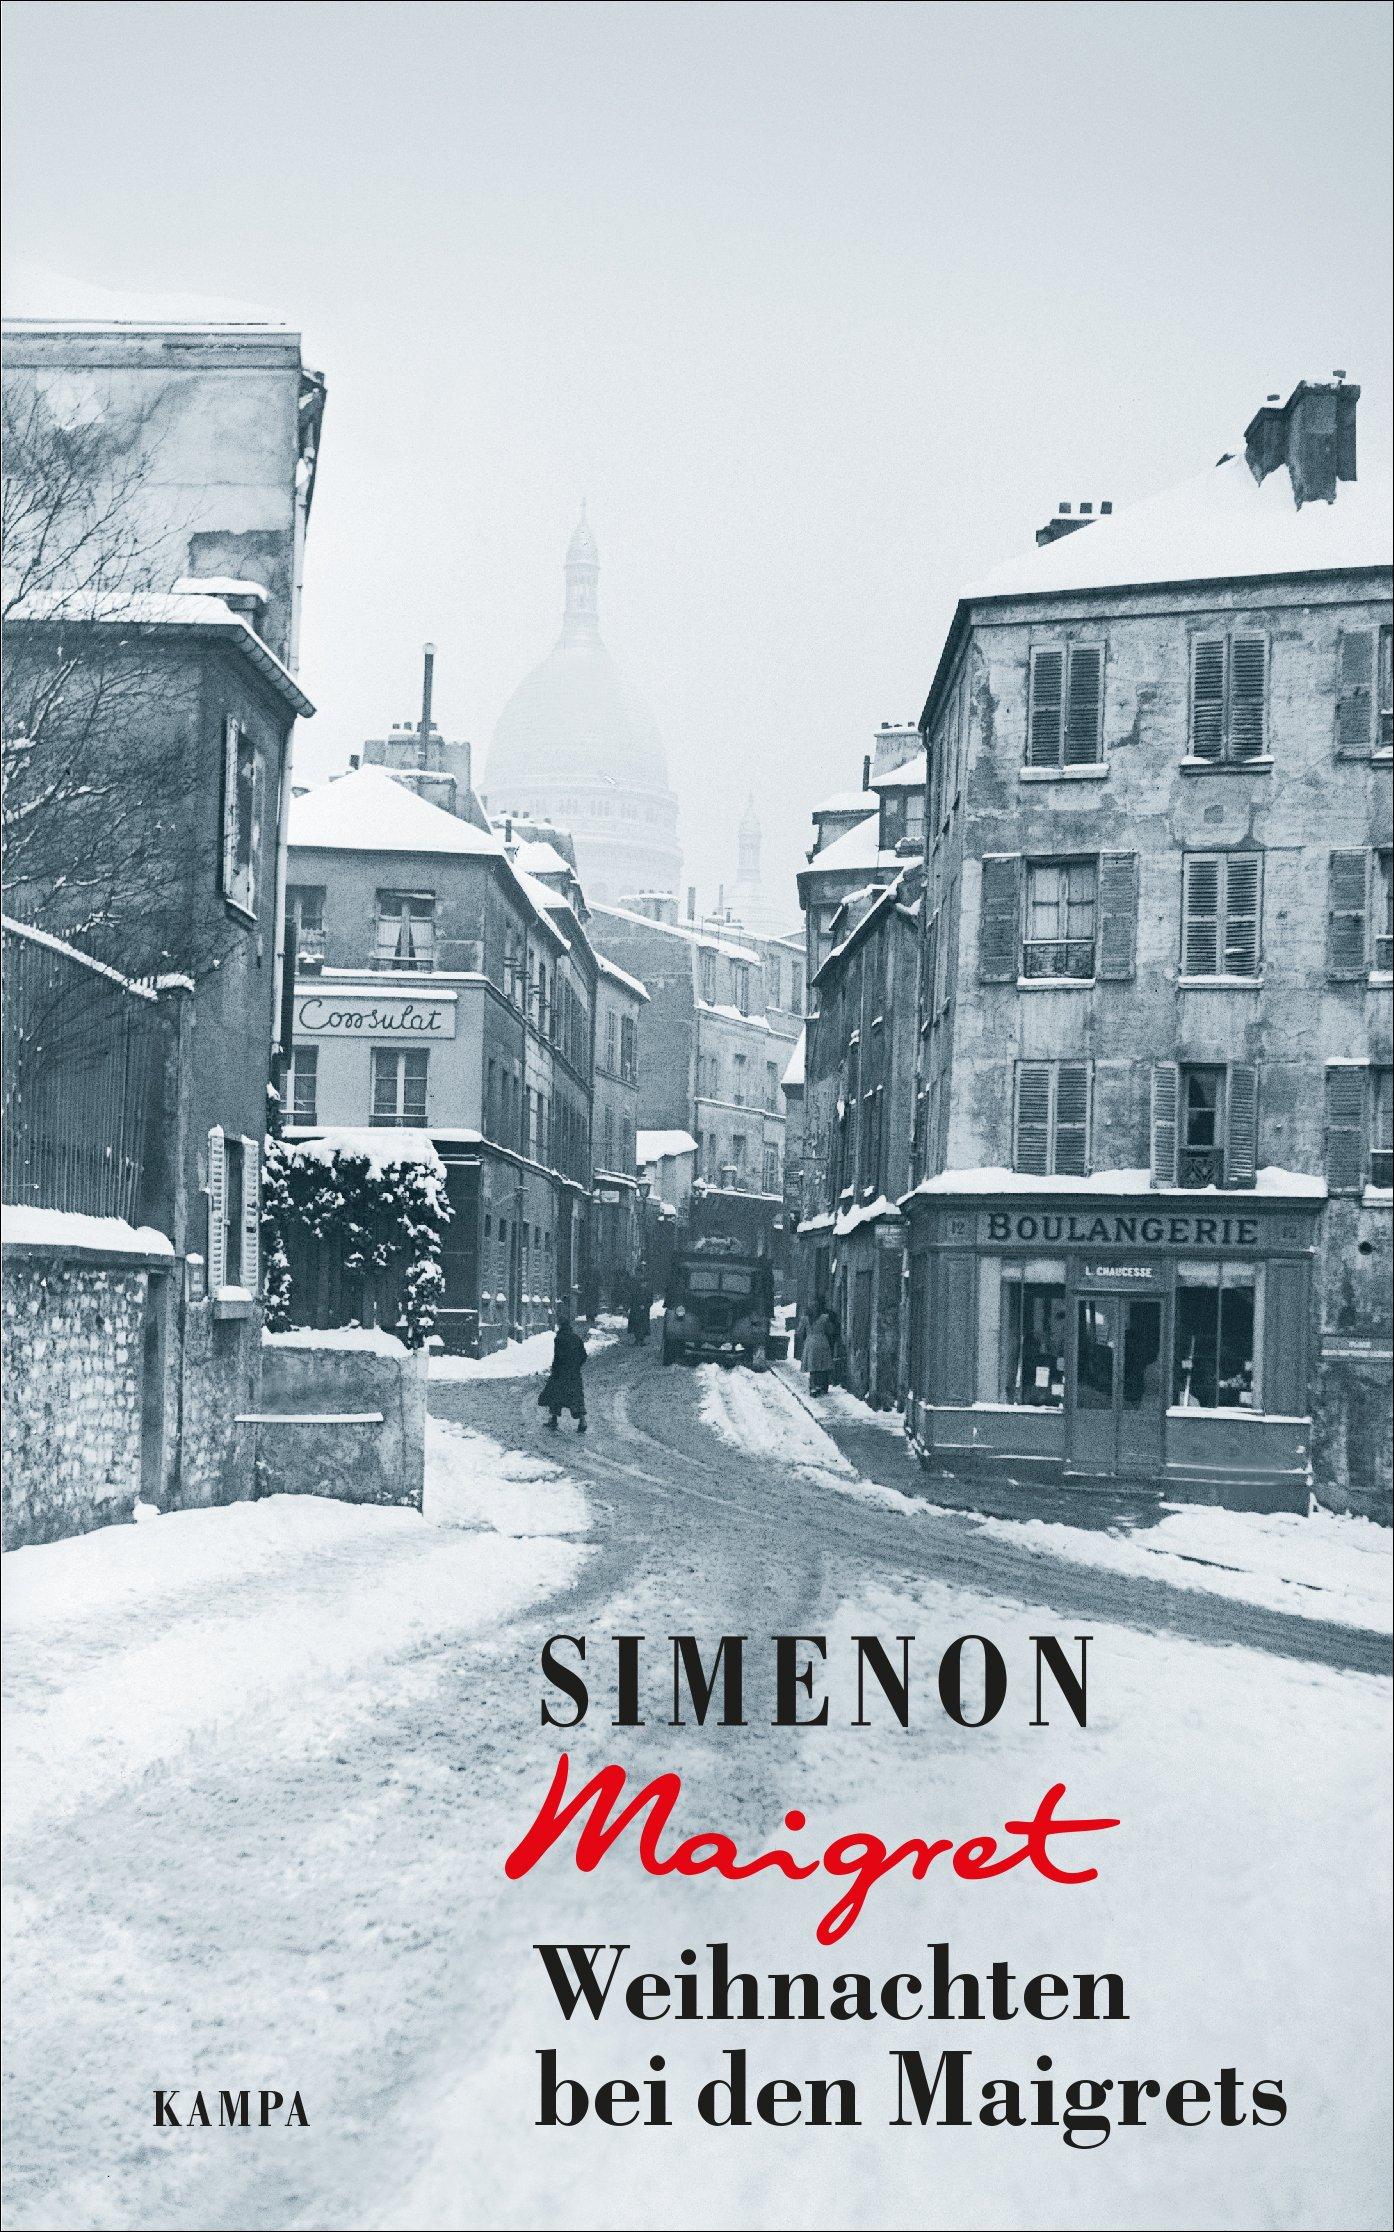 Weihnachten bei den Maigrets